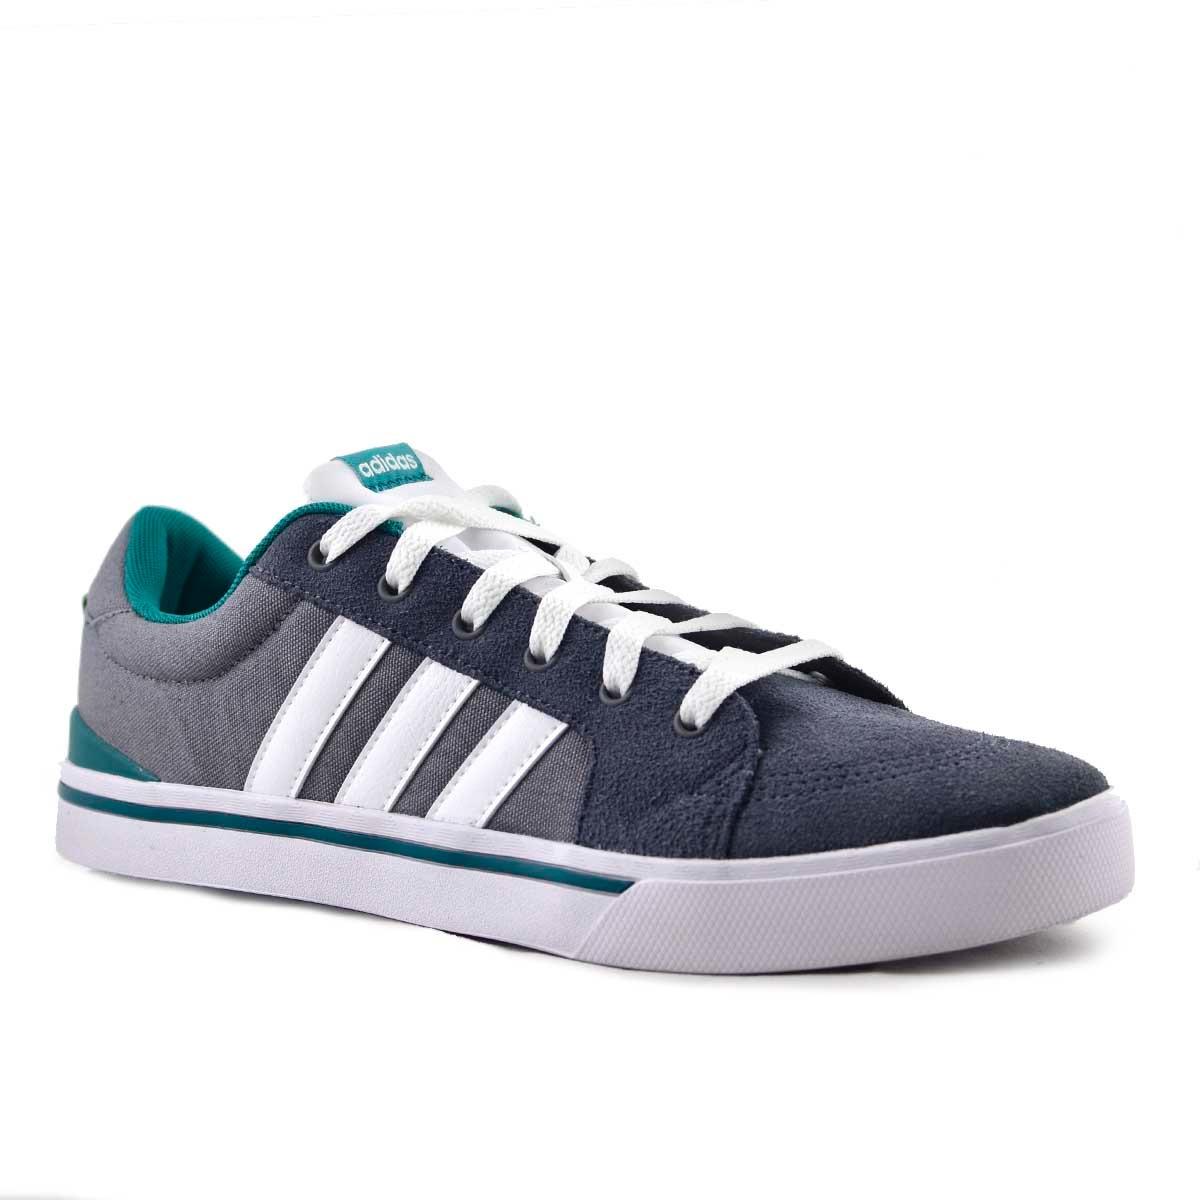 zapatillas adidas neo hombre 2017